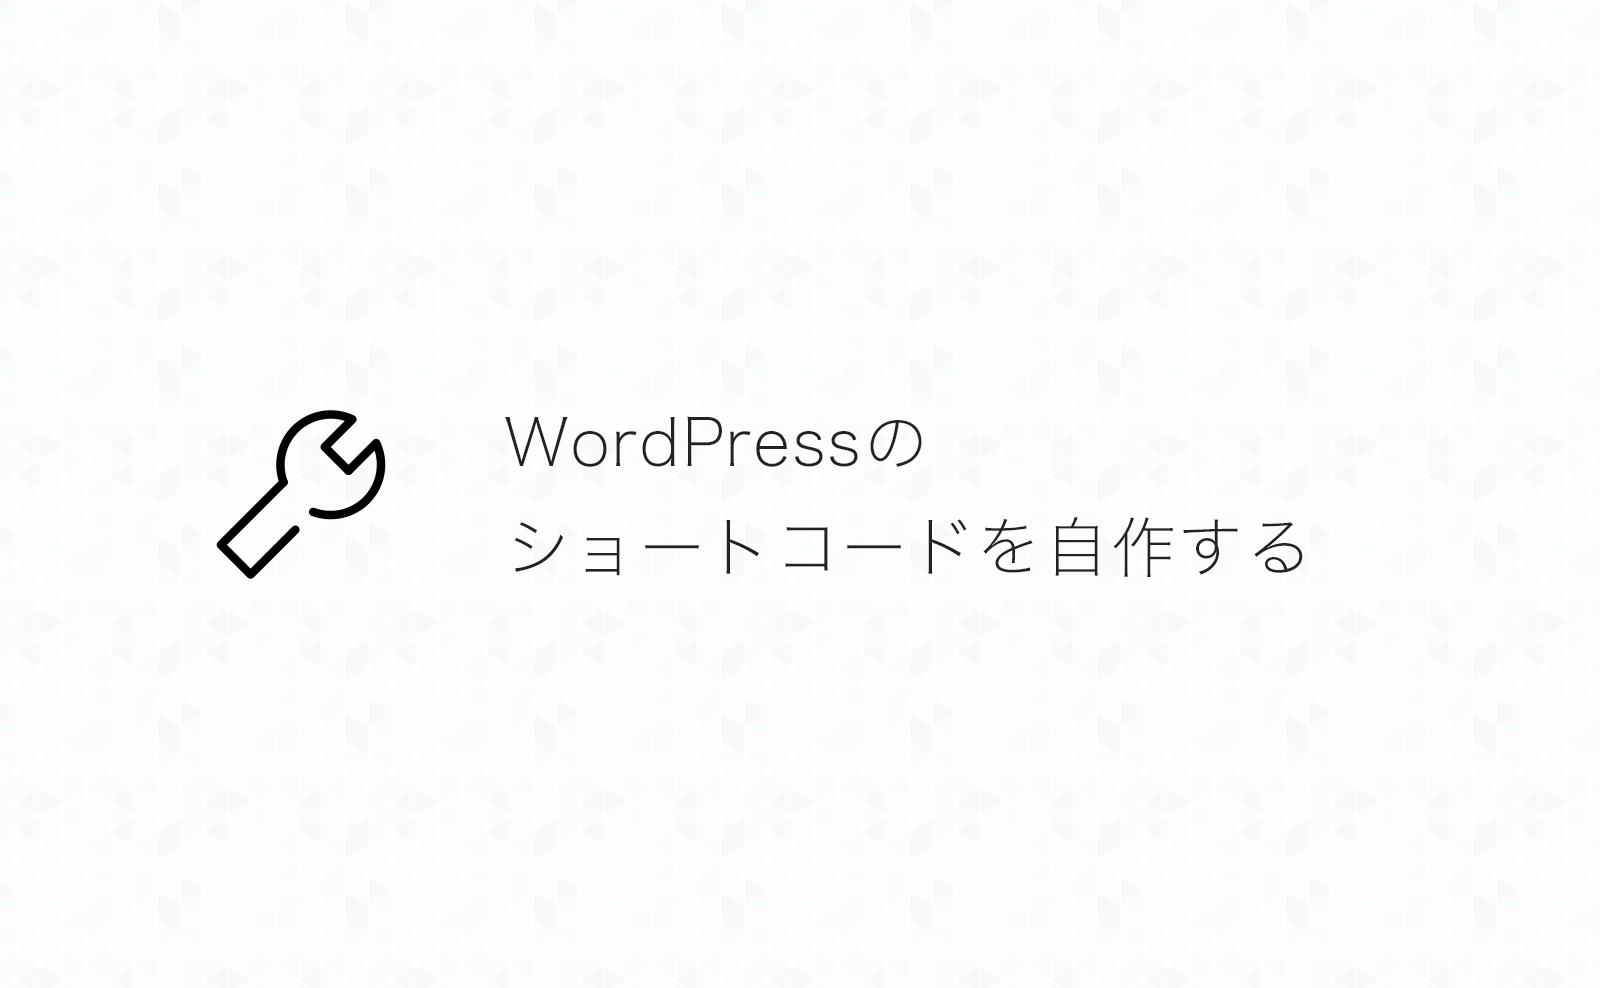 【WordPress】ショートコードの自作方法 – 3種類の作り方メモ